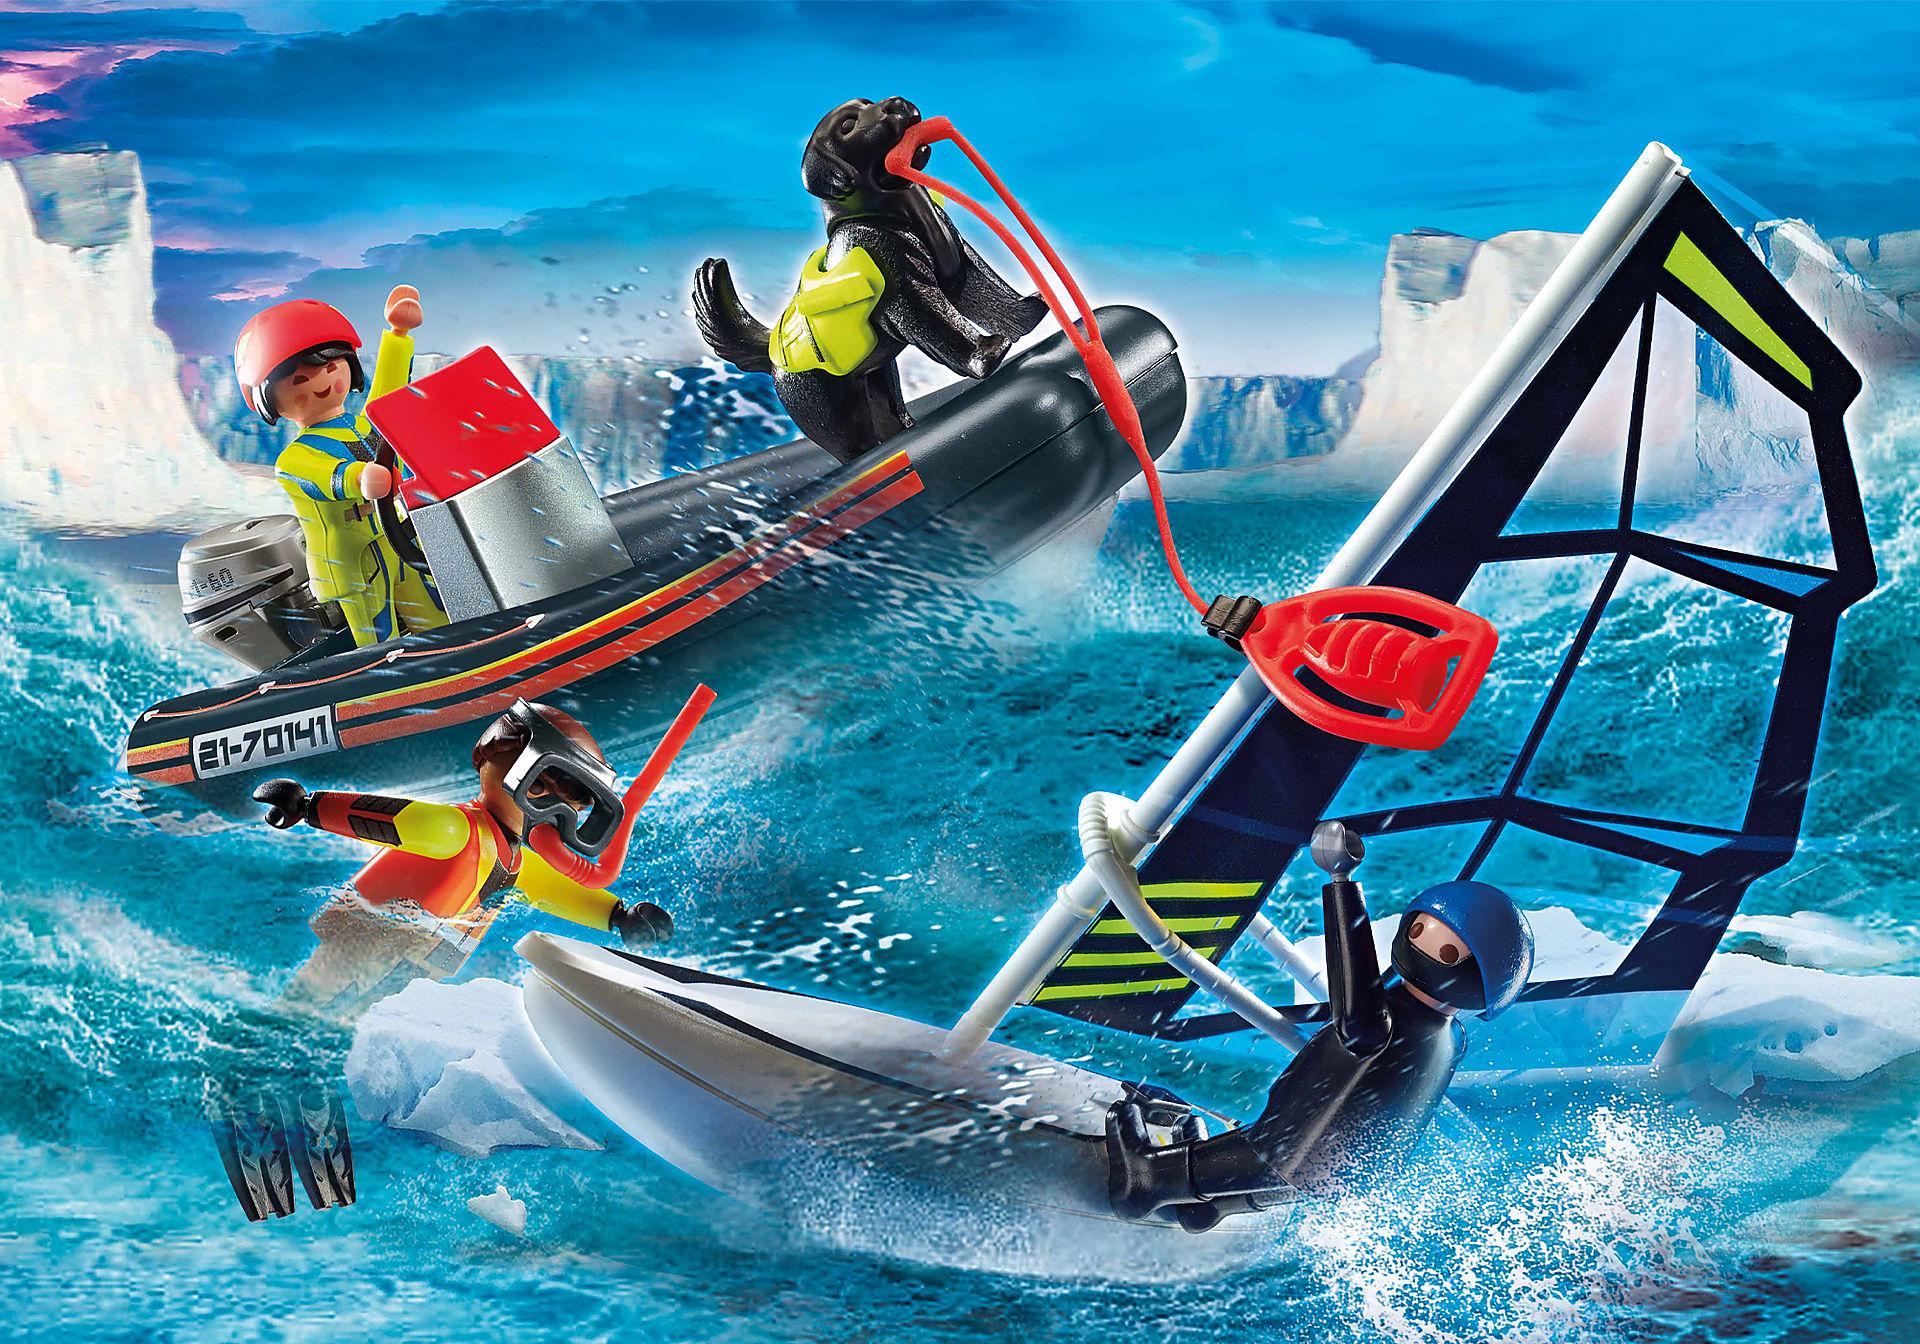 70141 Seenot: Polarsegler-Rettung mit Schlauchboot zoom image1